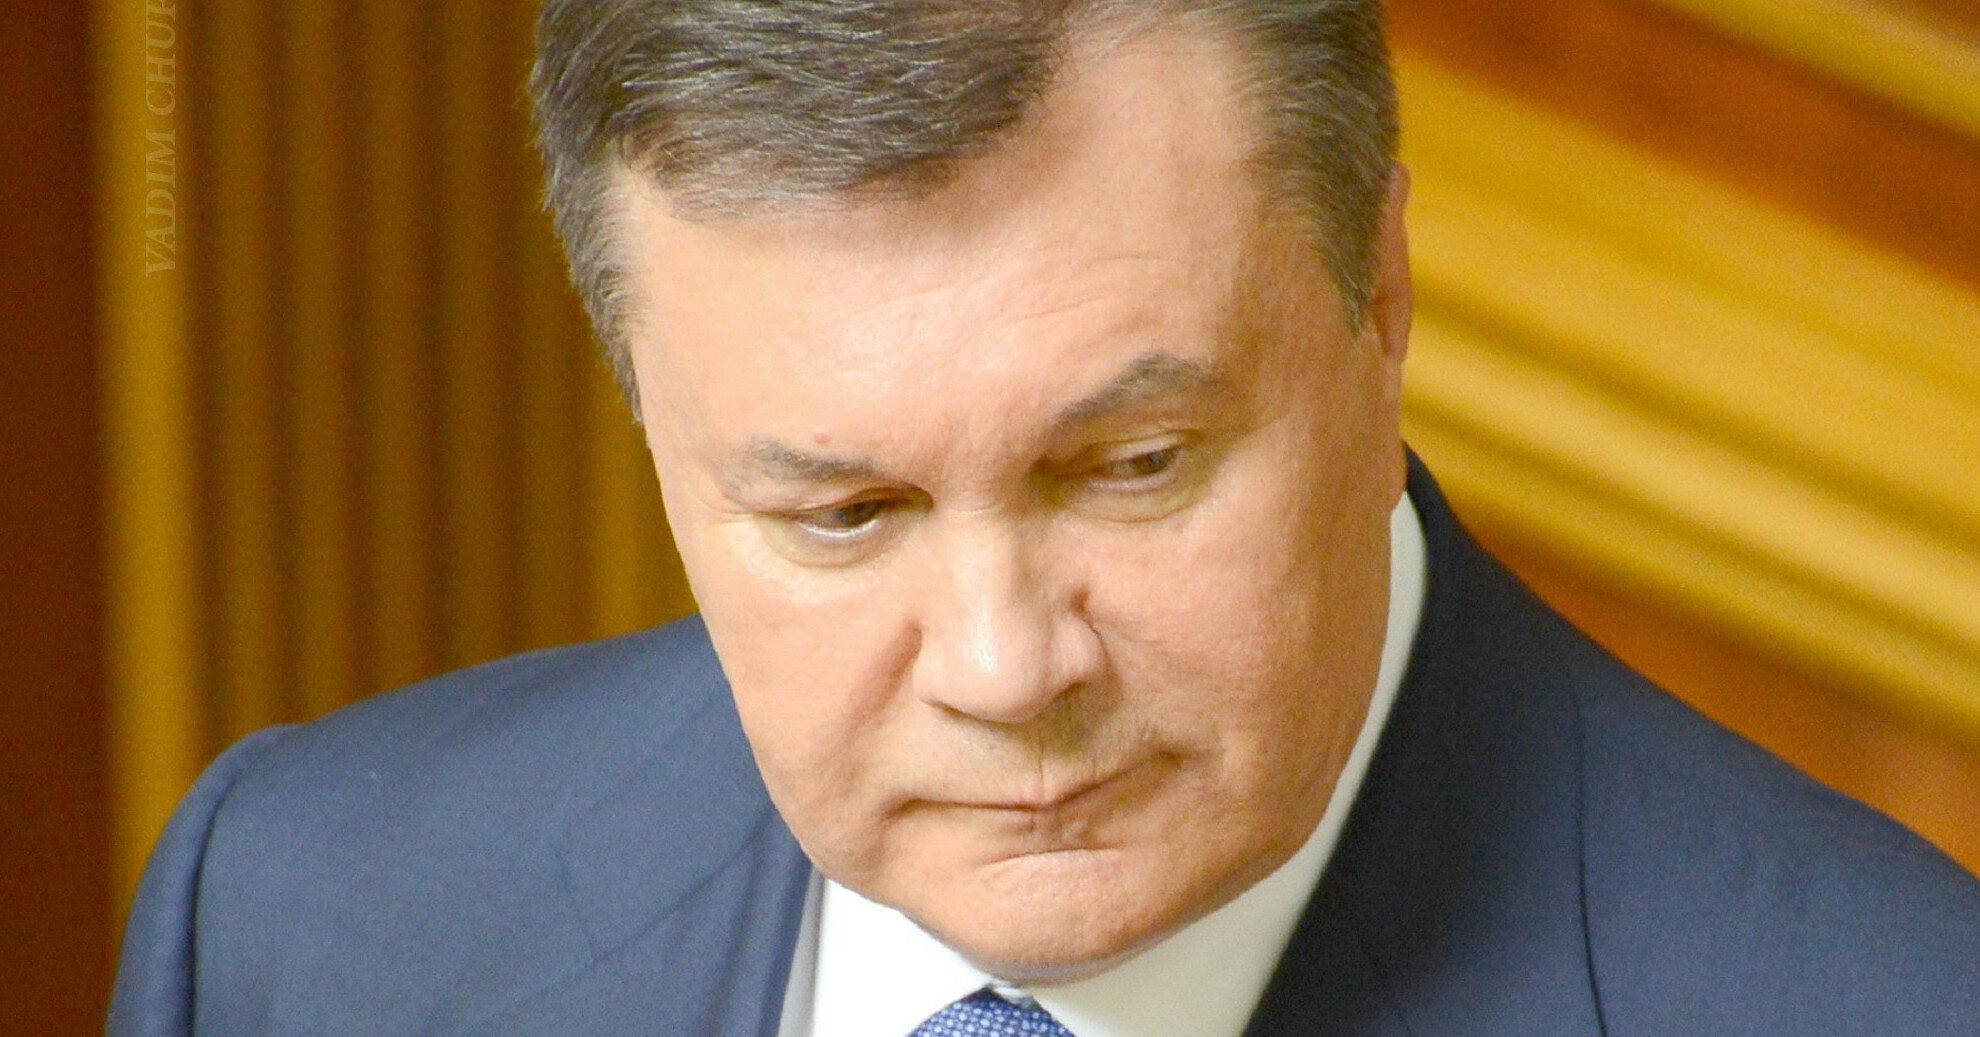 Суд одобрил расследование по делу о захвате власти Януновичем